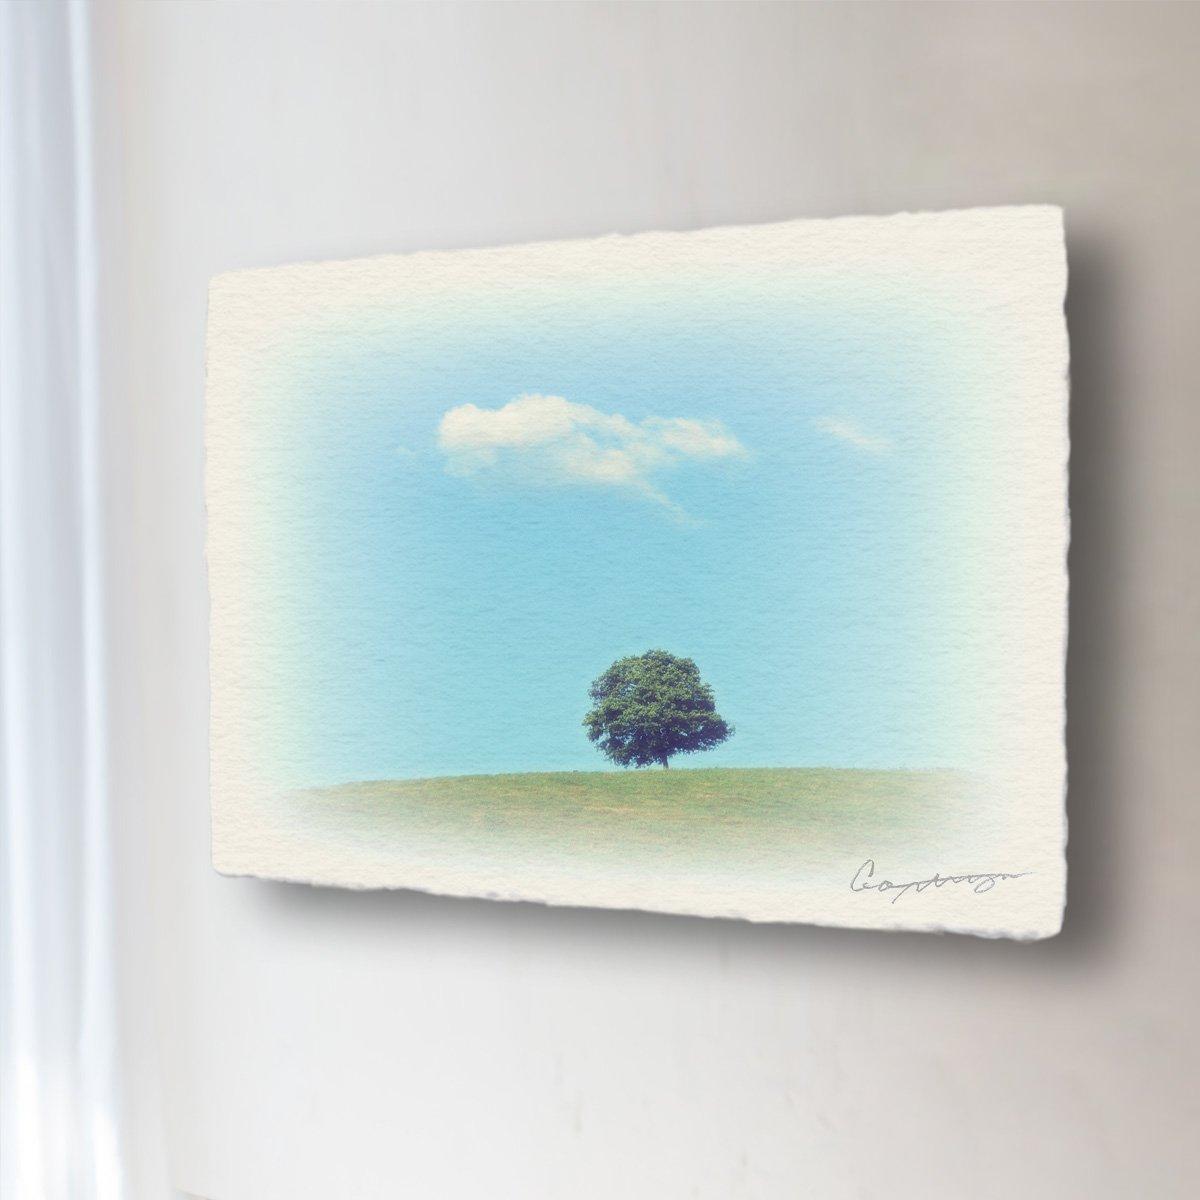 和紙 アートパネル 「丘の上の木とはぐれ雲」 (60x45cm) 絵 絵画 壁掛け 壁飾り インテリア アート B07DK2VW3Y 16.アートパネル(長辺68cm) 48000円|丘の上の木とはぐれ雲 丘の上の木とはぐれ雲 16.アートパネル(長辺68cm) 48000円